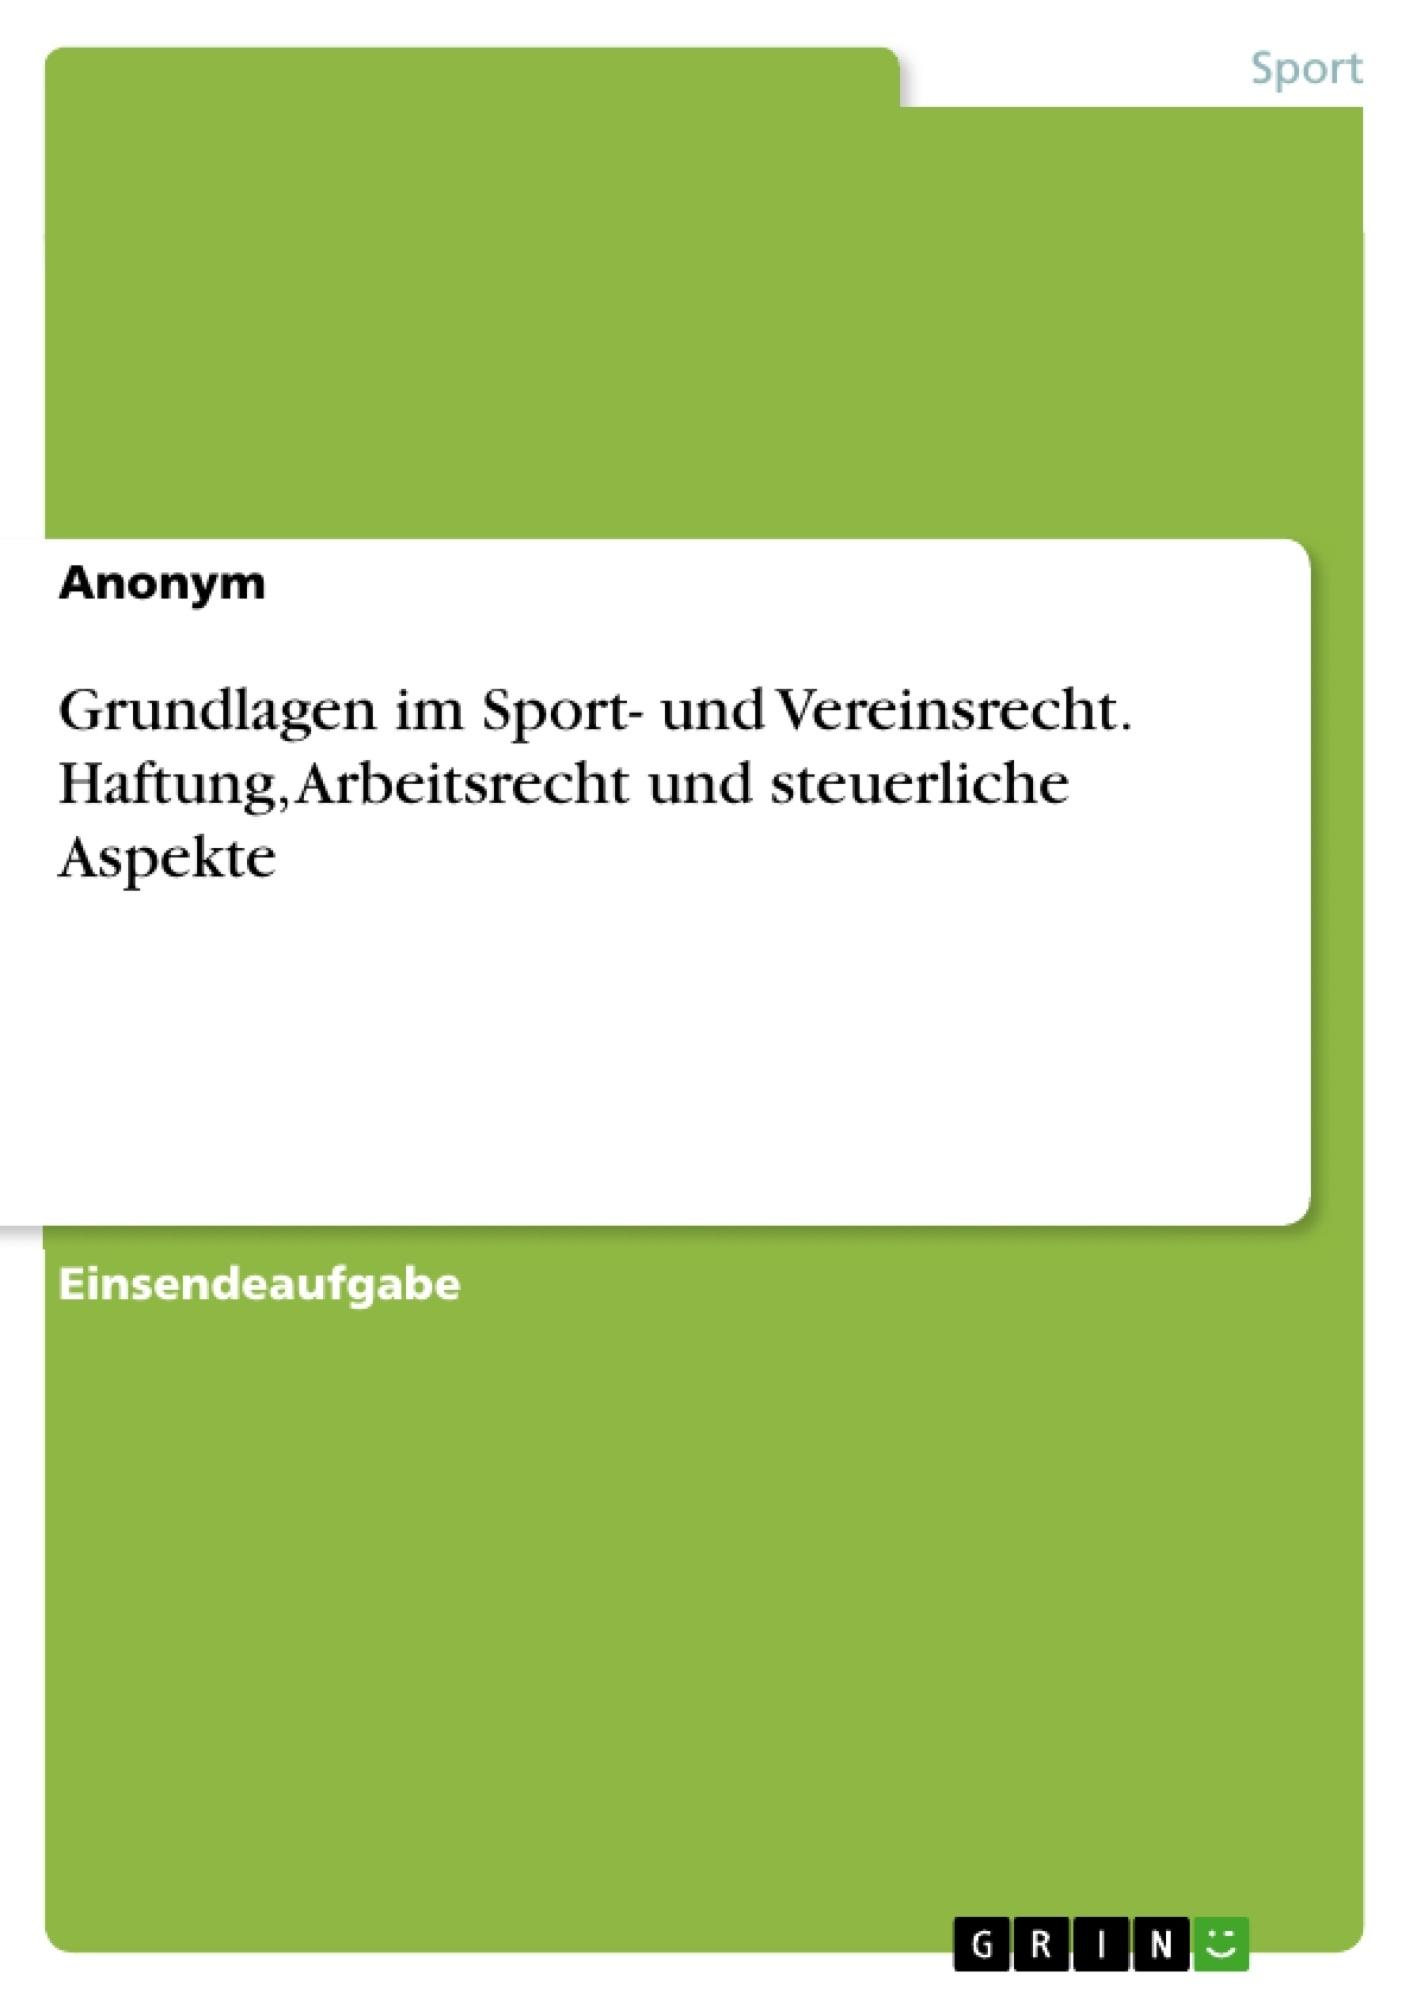 Titel: Grundlagen im Sport- und Vereinsrecht.  Haftung, Arbeitsrecht und steuerliche Aspekte